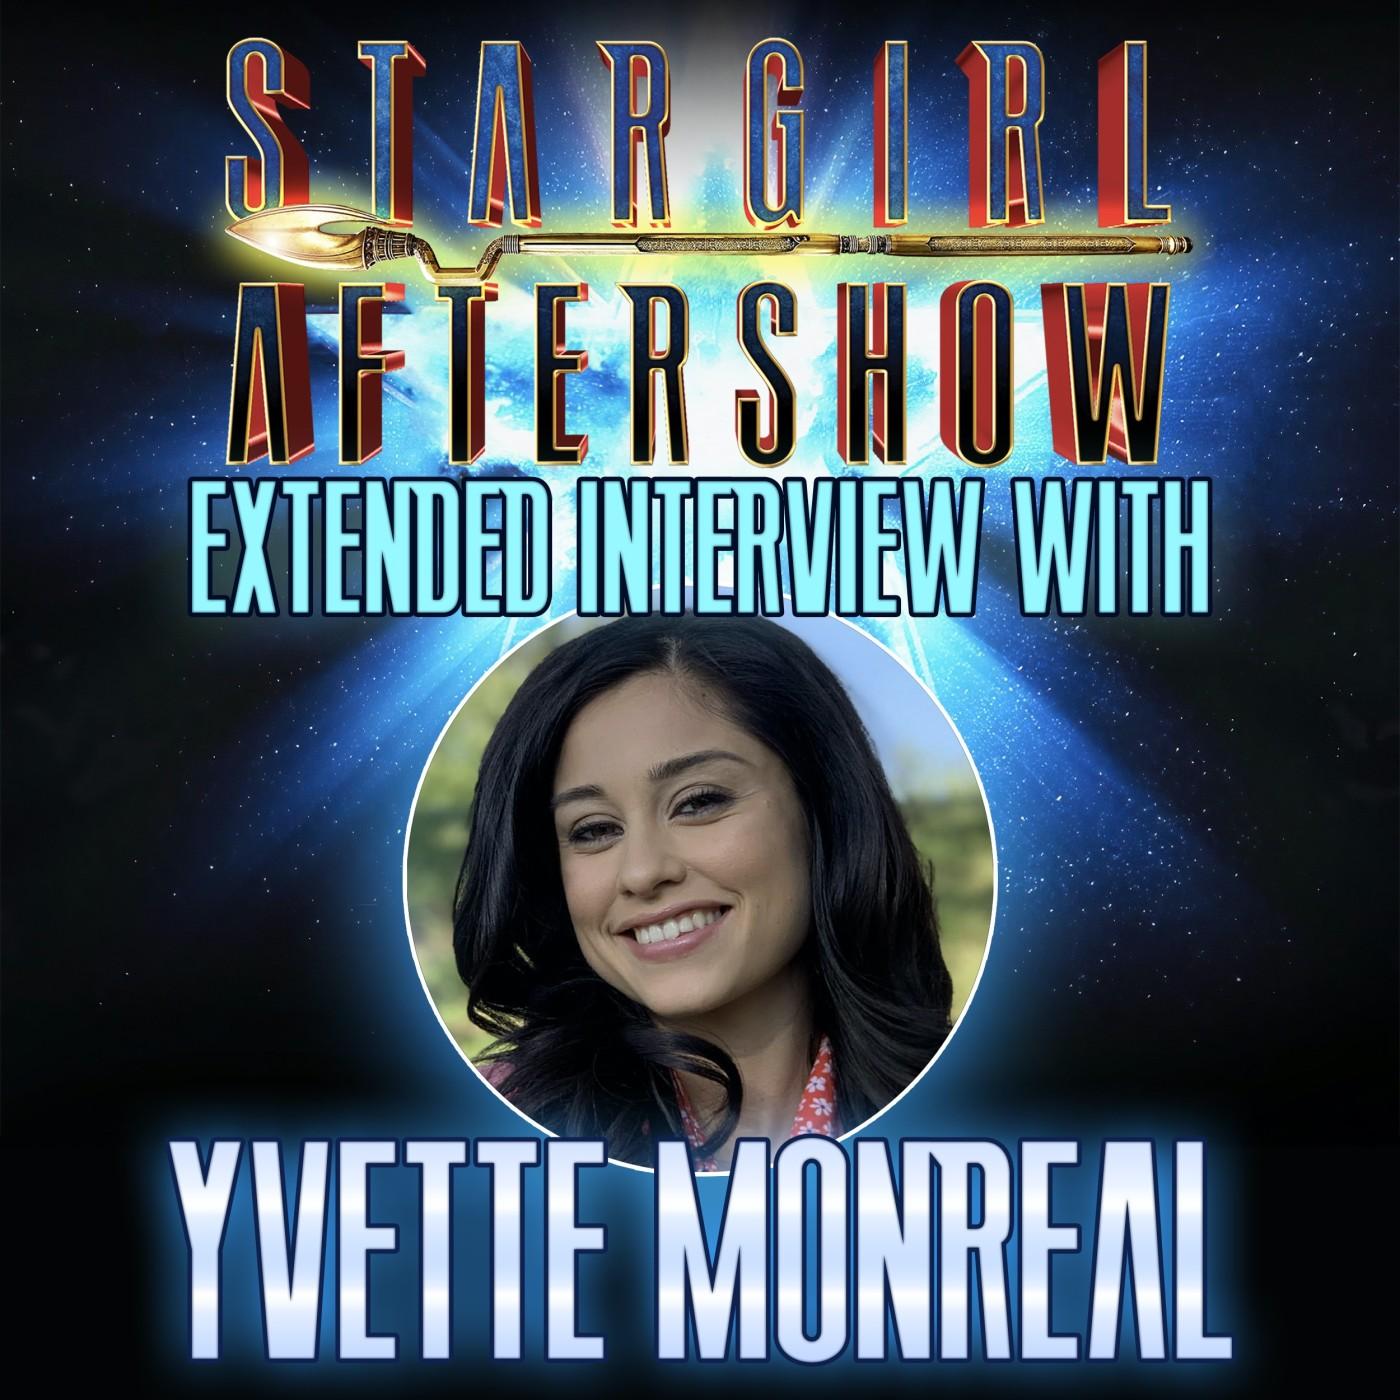 Yvette Monreal Extended Interview